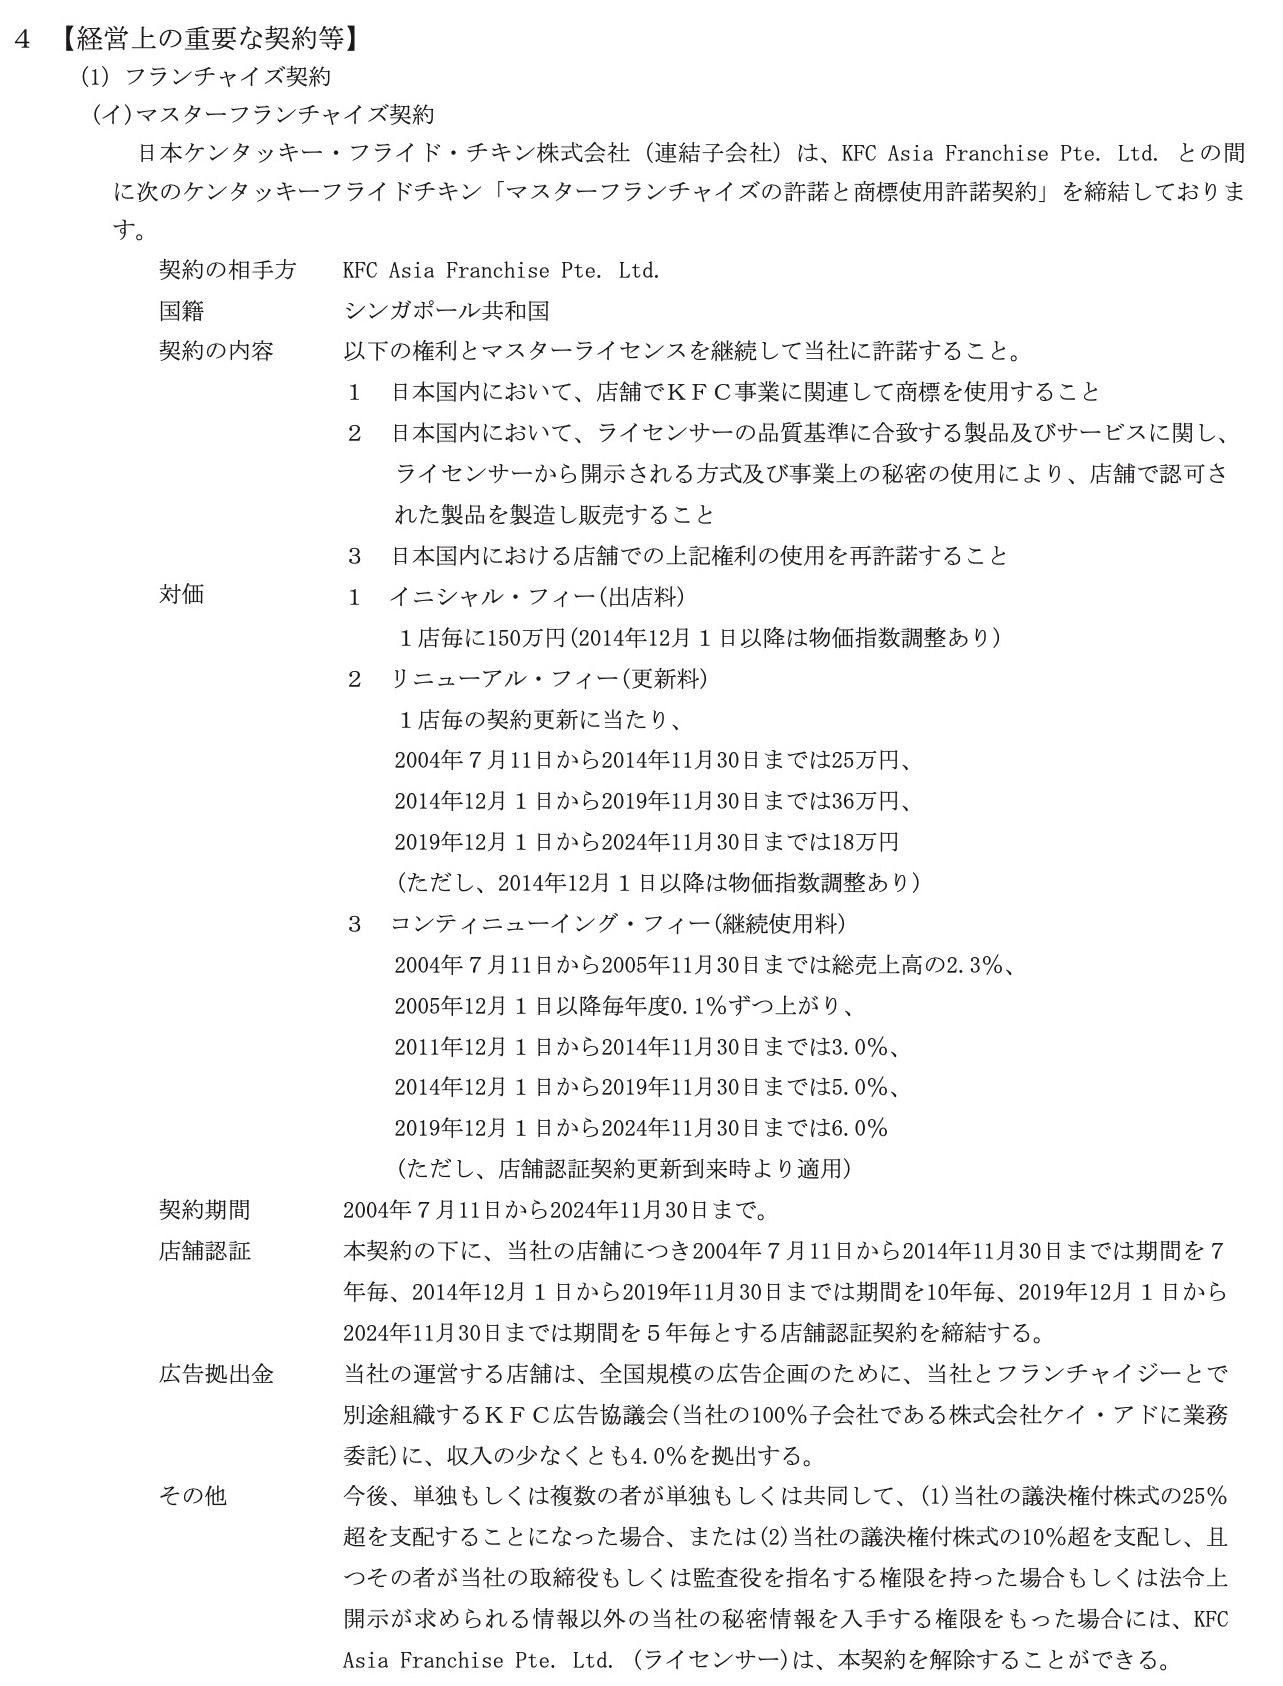 日本ケンタッキーフランチャイズ契約